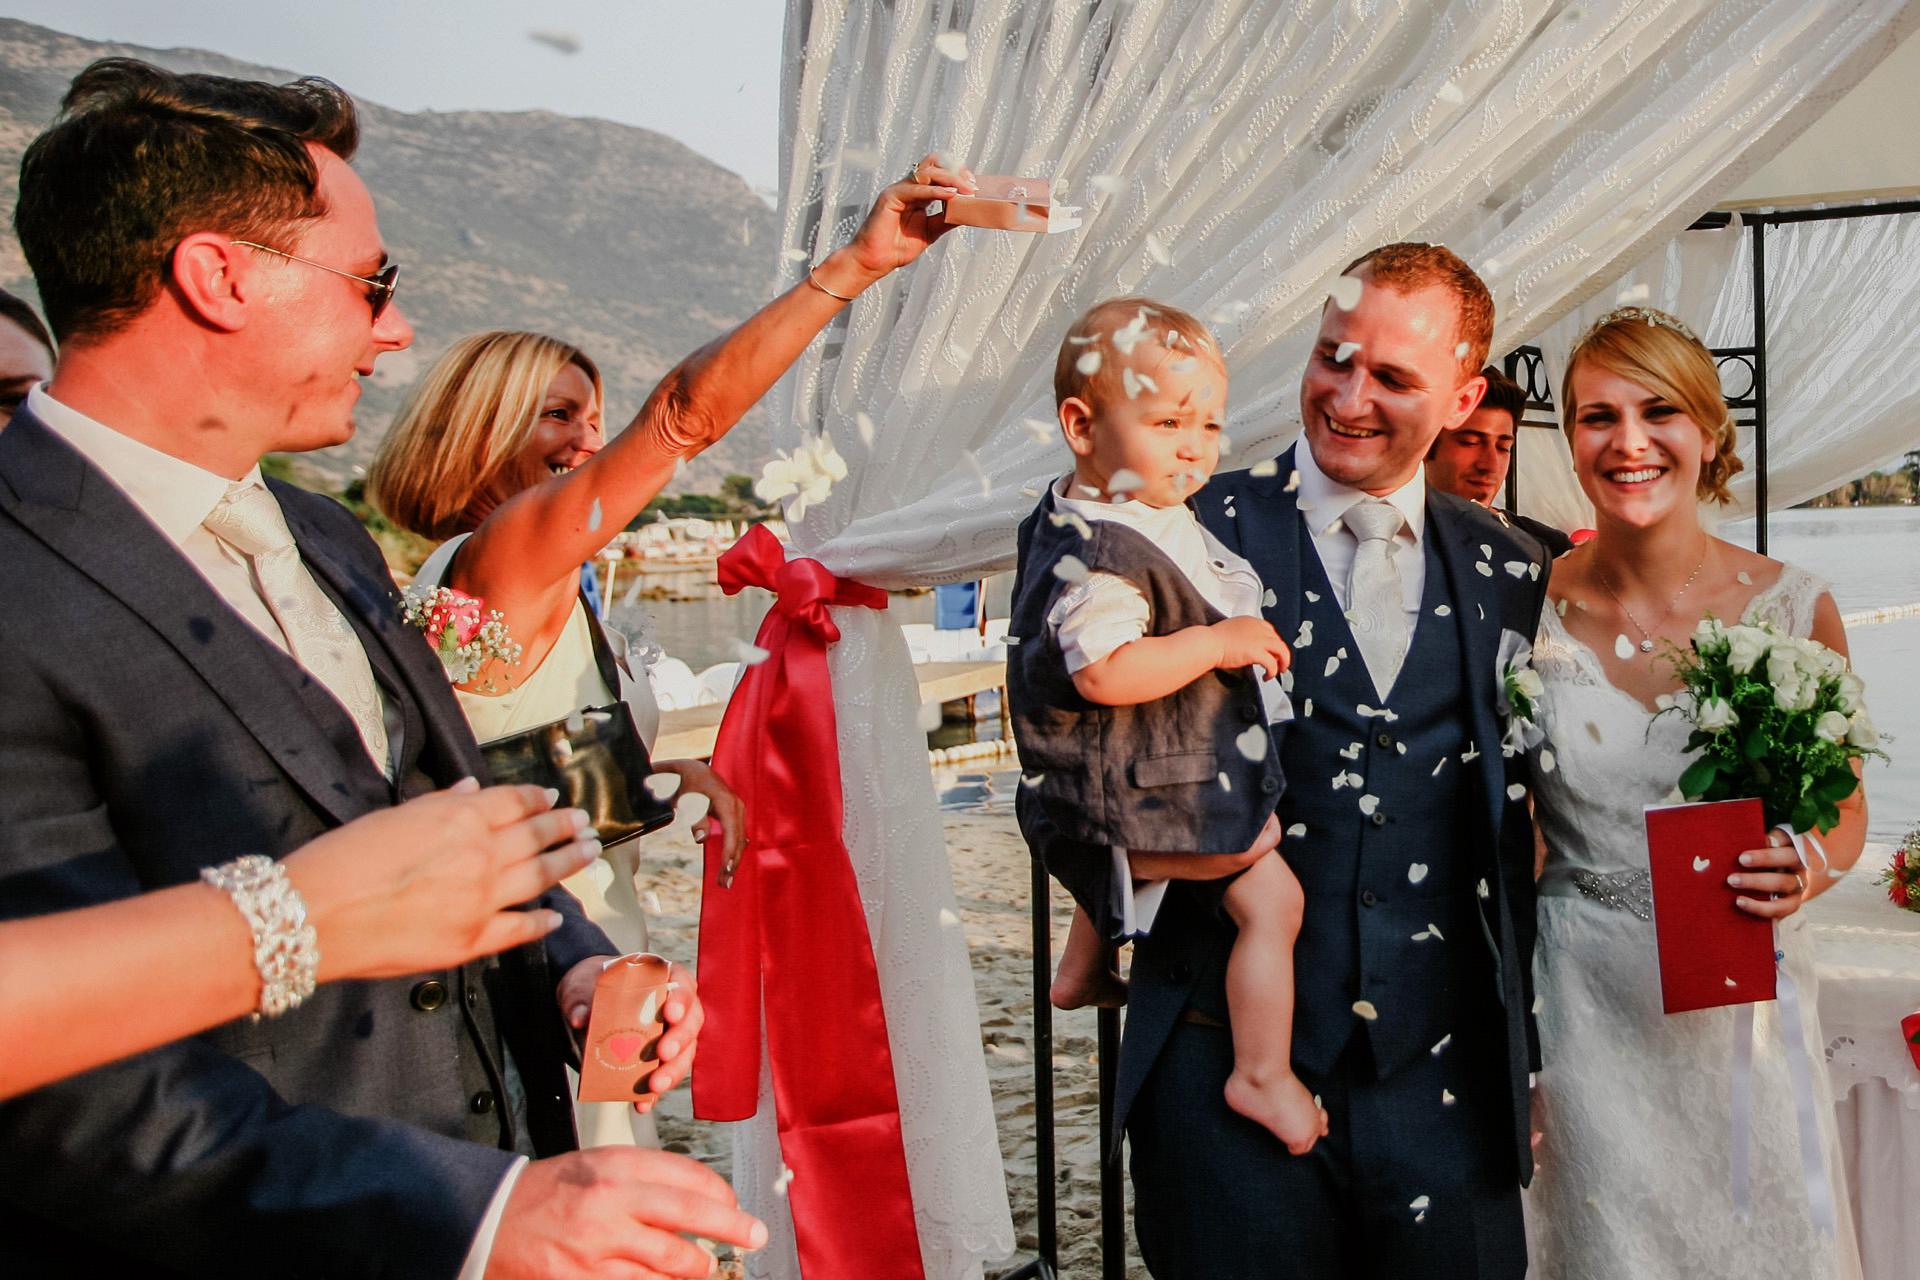 Foto de la ceremonia de salida de Turquía al aire libre | Al final de la ceremonia, la novia, el novio y su bebé caminan juntos por el pasillo.